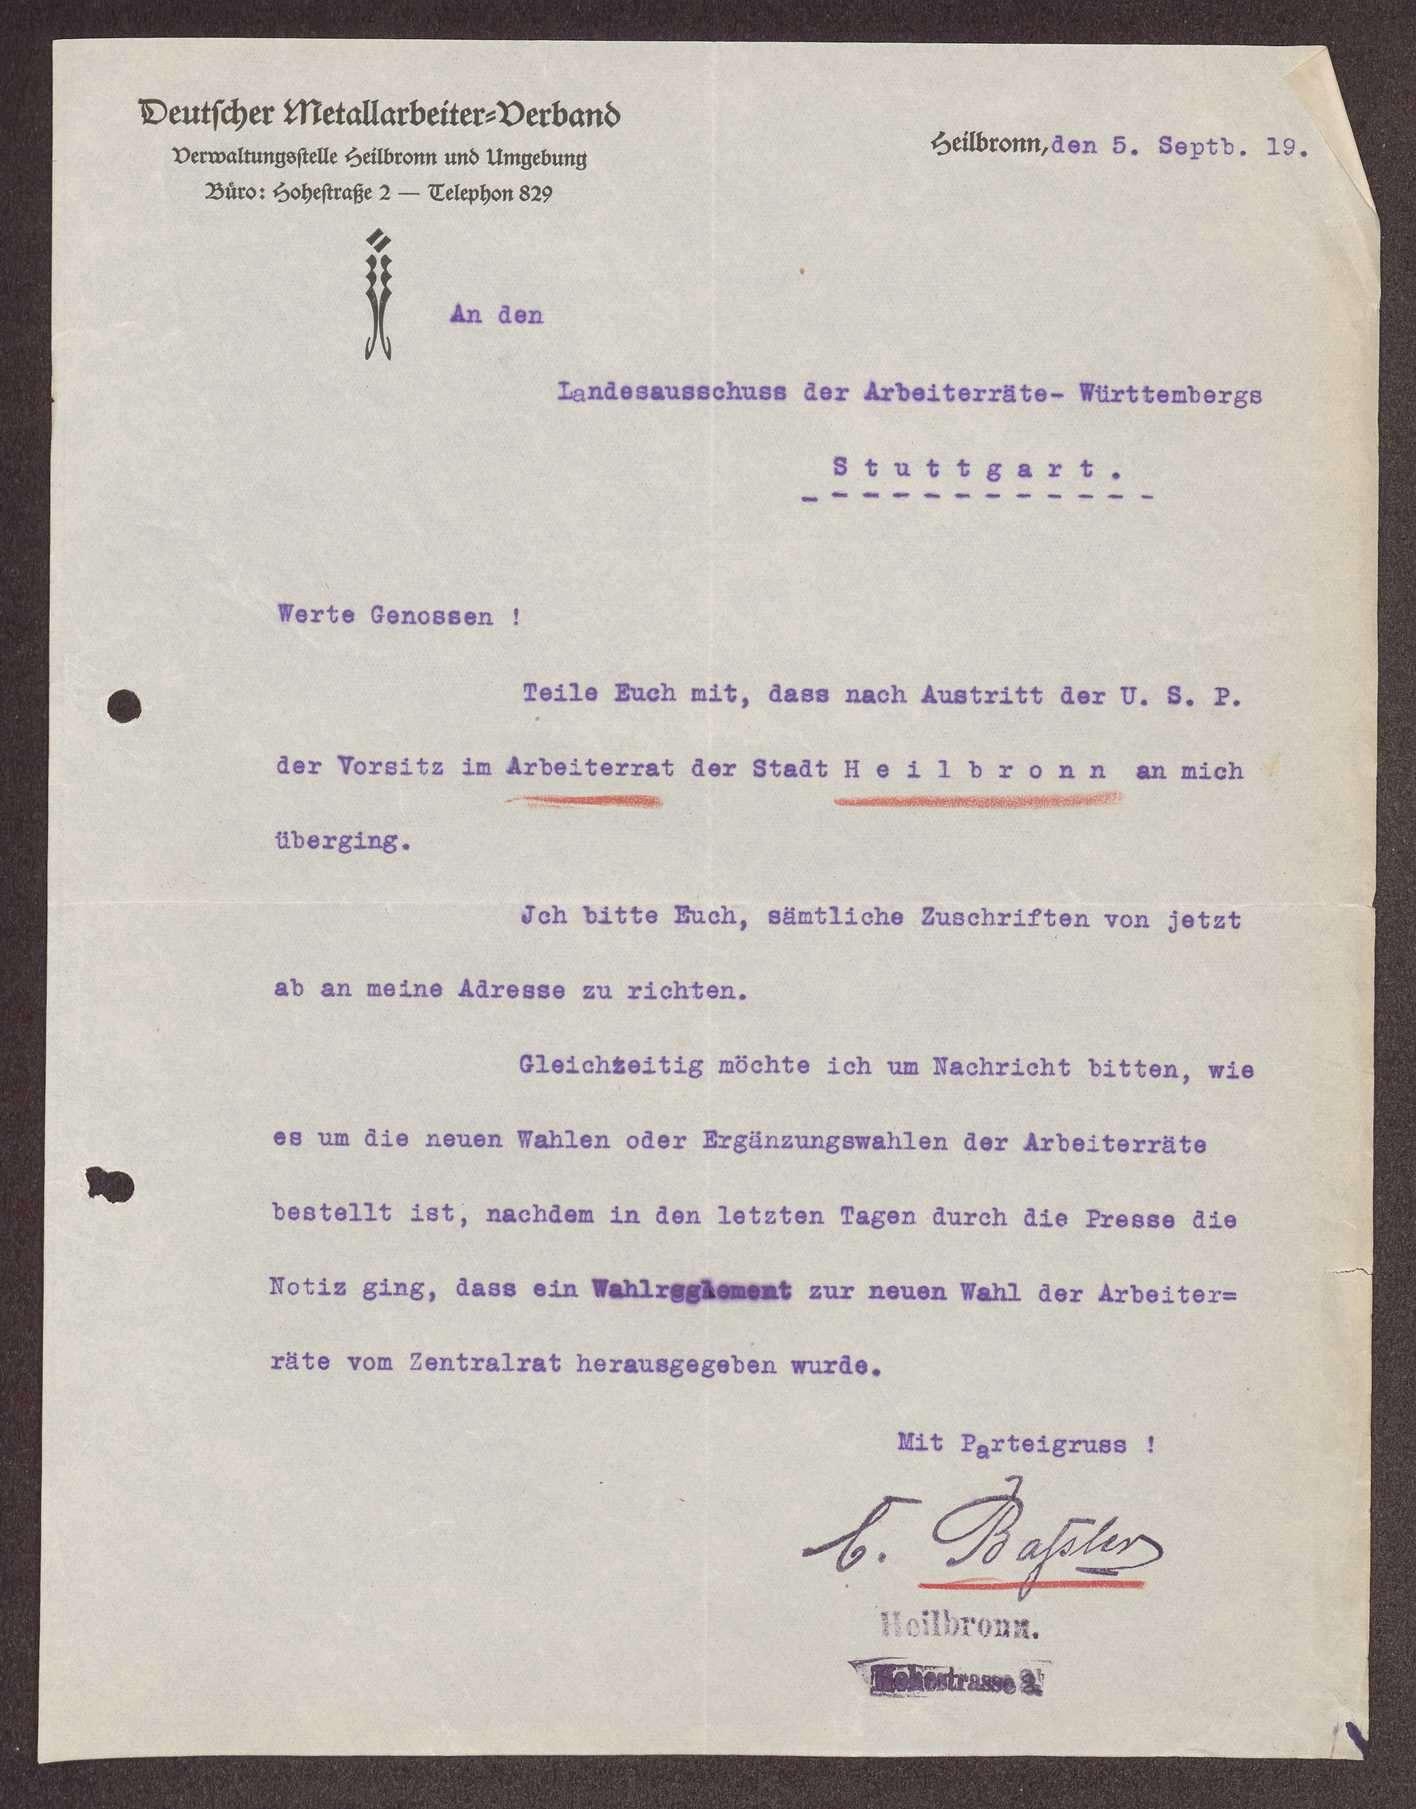 Wahl, Zusammensetzung und Auflösung der Arbeiter- und Bauernräte im Oberamt Heilbronn, Bild 2